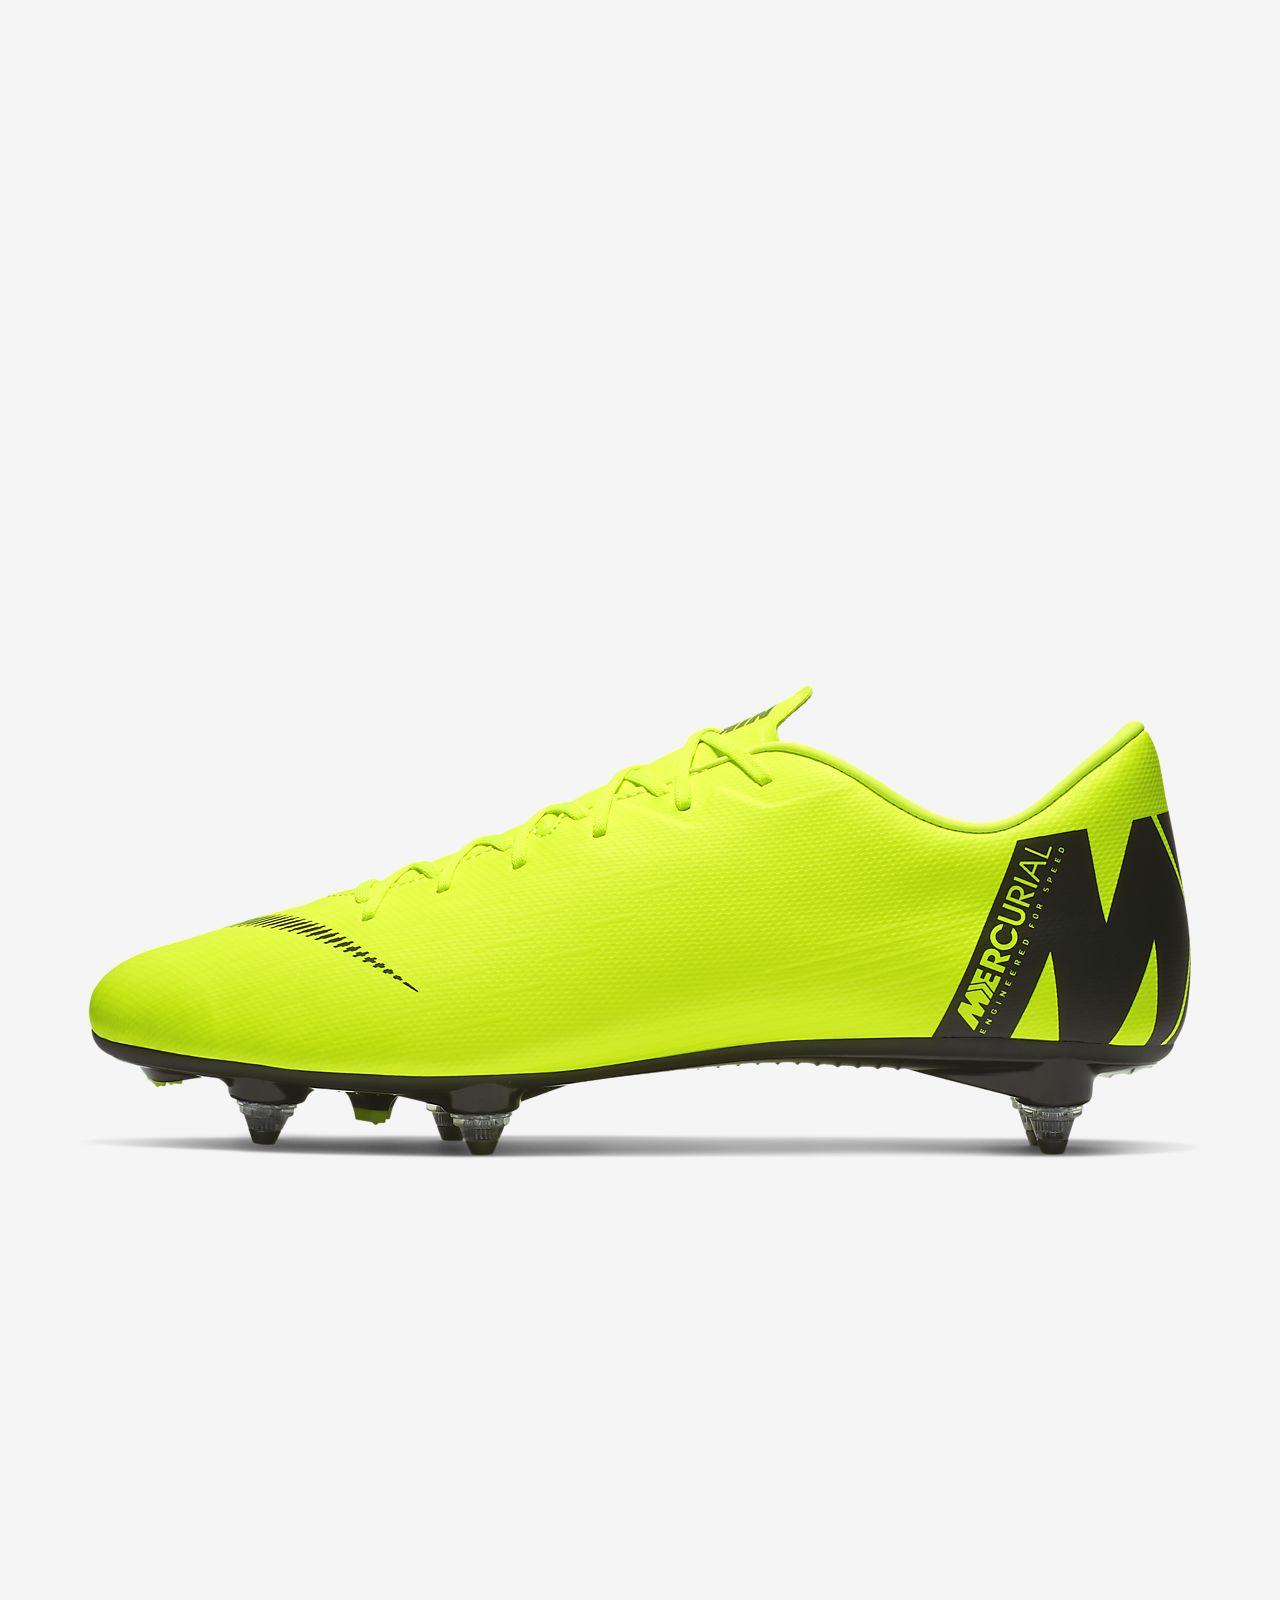 new arrival b8f16 87d04 ... Fotbollssko för vått gräs Nike Mercurial Vapor XII Academy SG-PRO